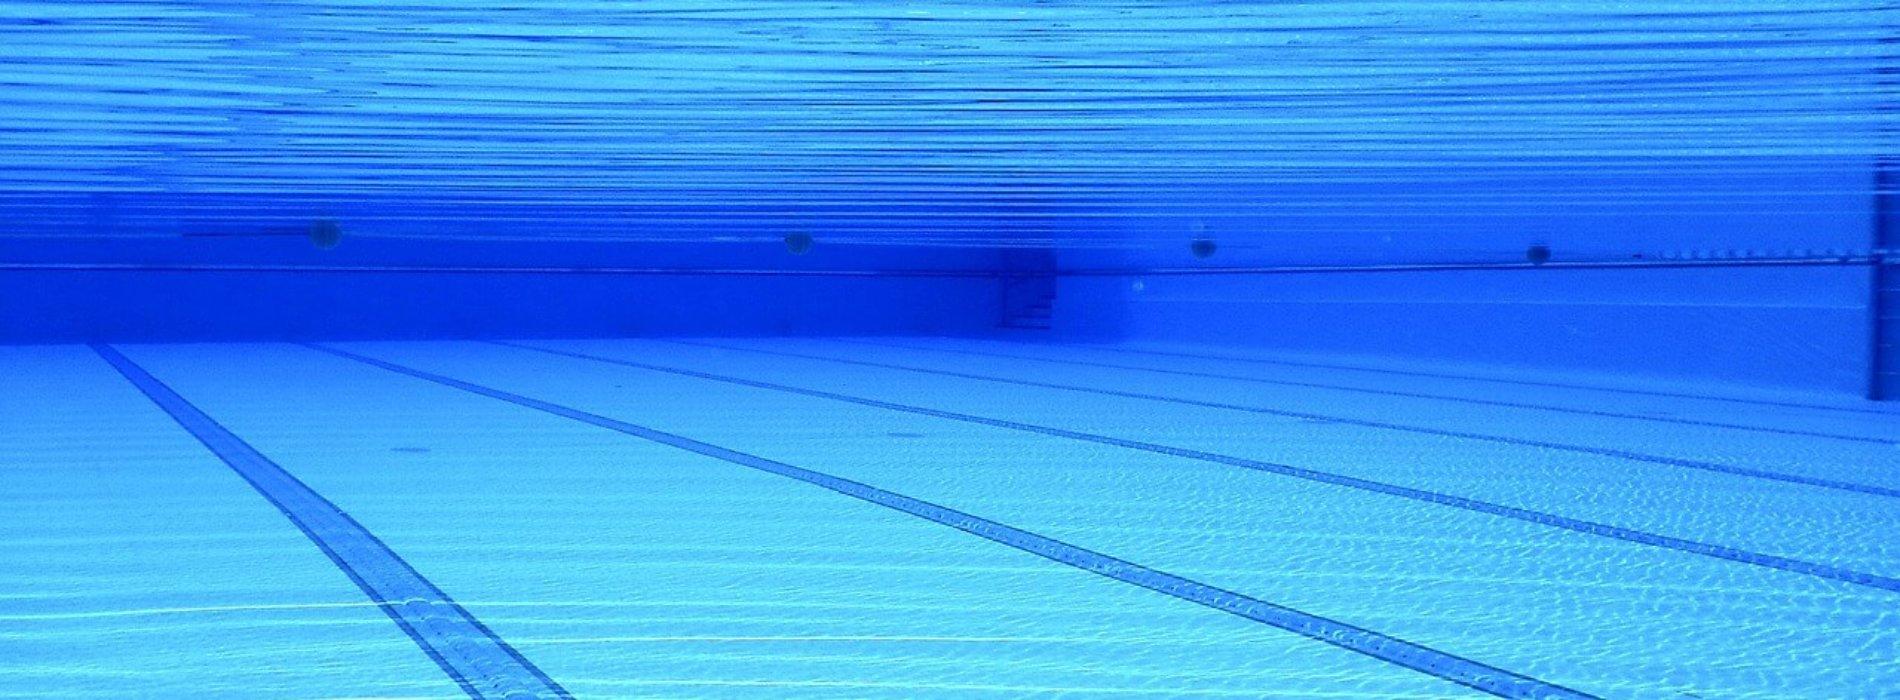 Kalisz miasto utopi o pieni dze w basenie spraw bada prokuratura gazetawlkp for Swimming pool technician salary